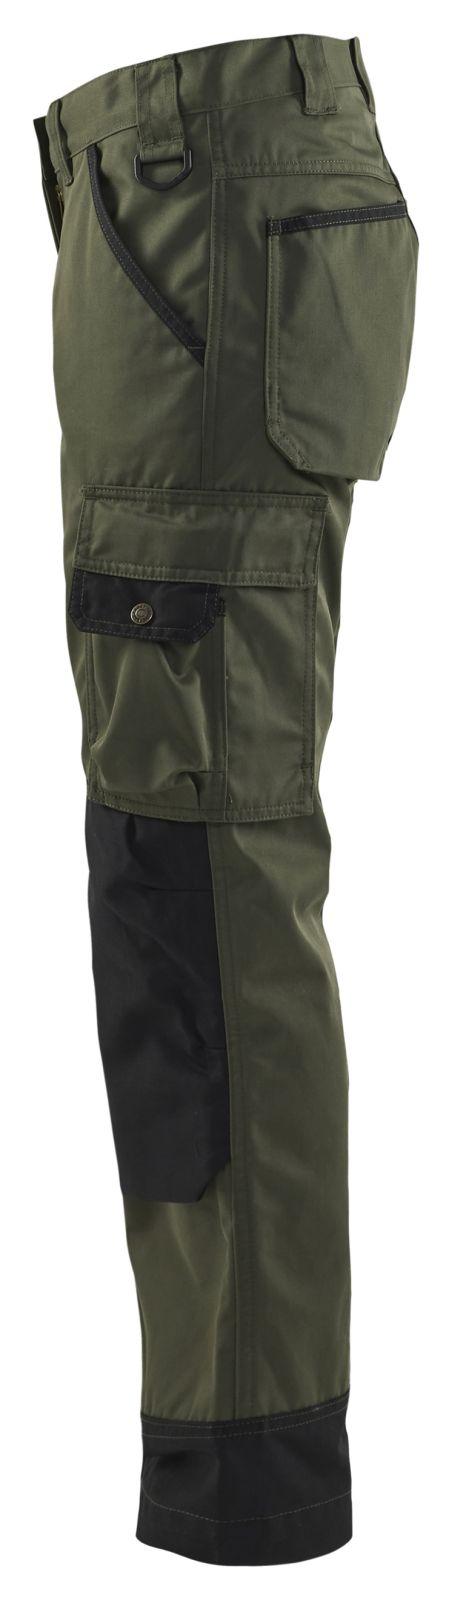 Blaklader Dames werkbroeken 71541835 army groen-zwart(4699)